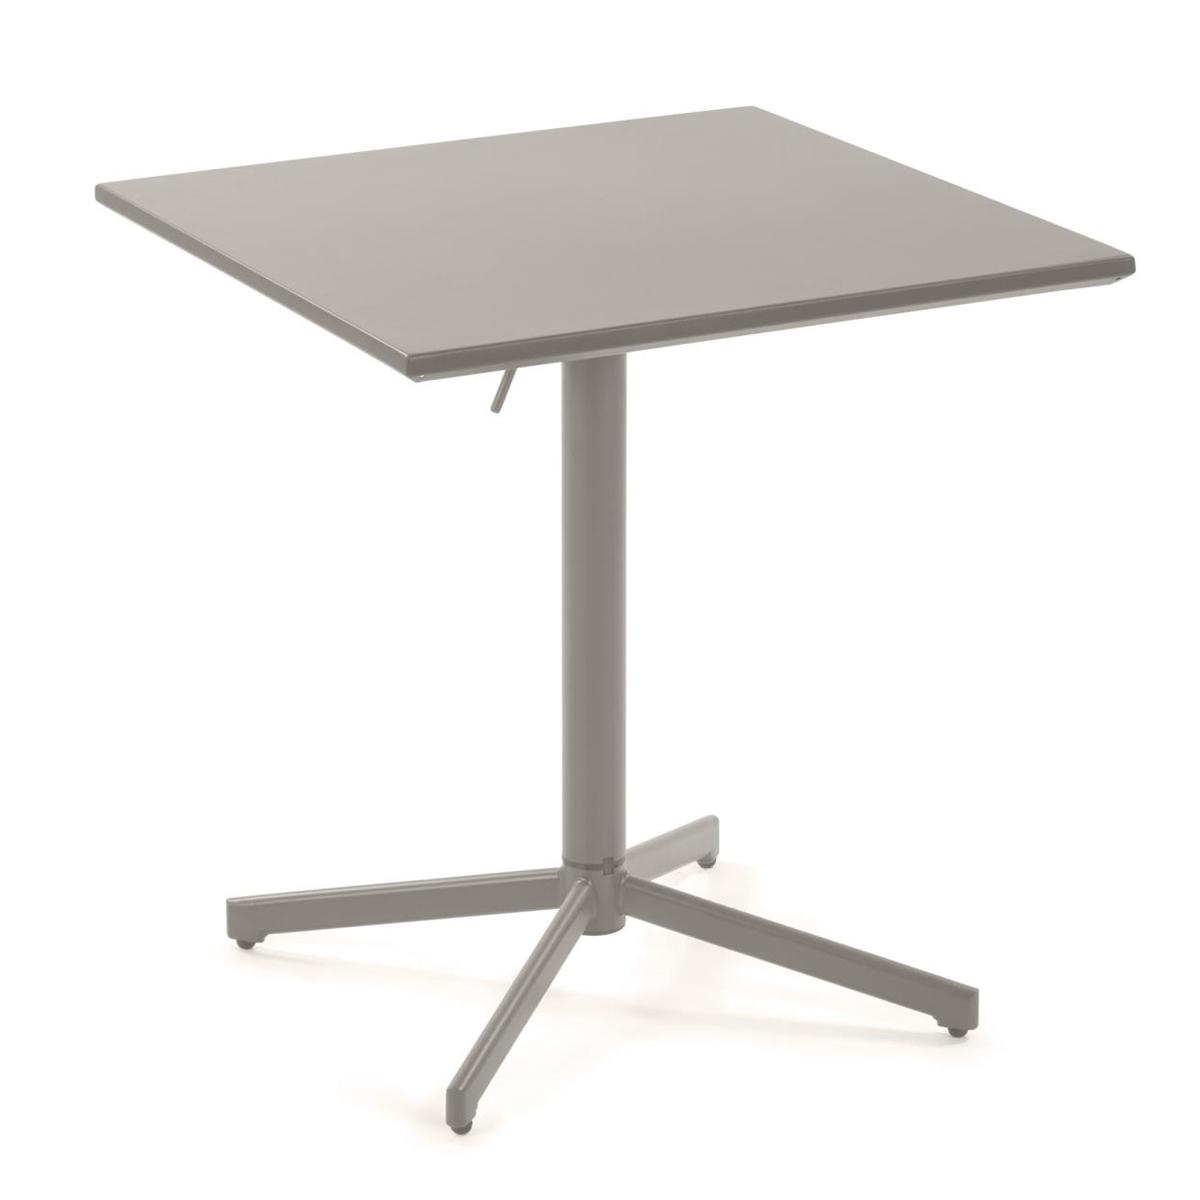 Table pliante en métal mat - Gris - H 75 x 54 cm